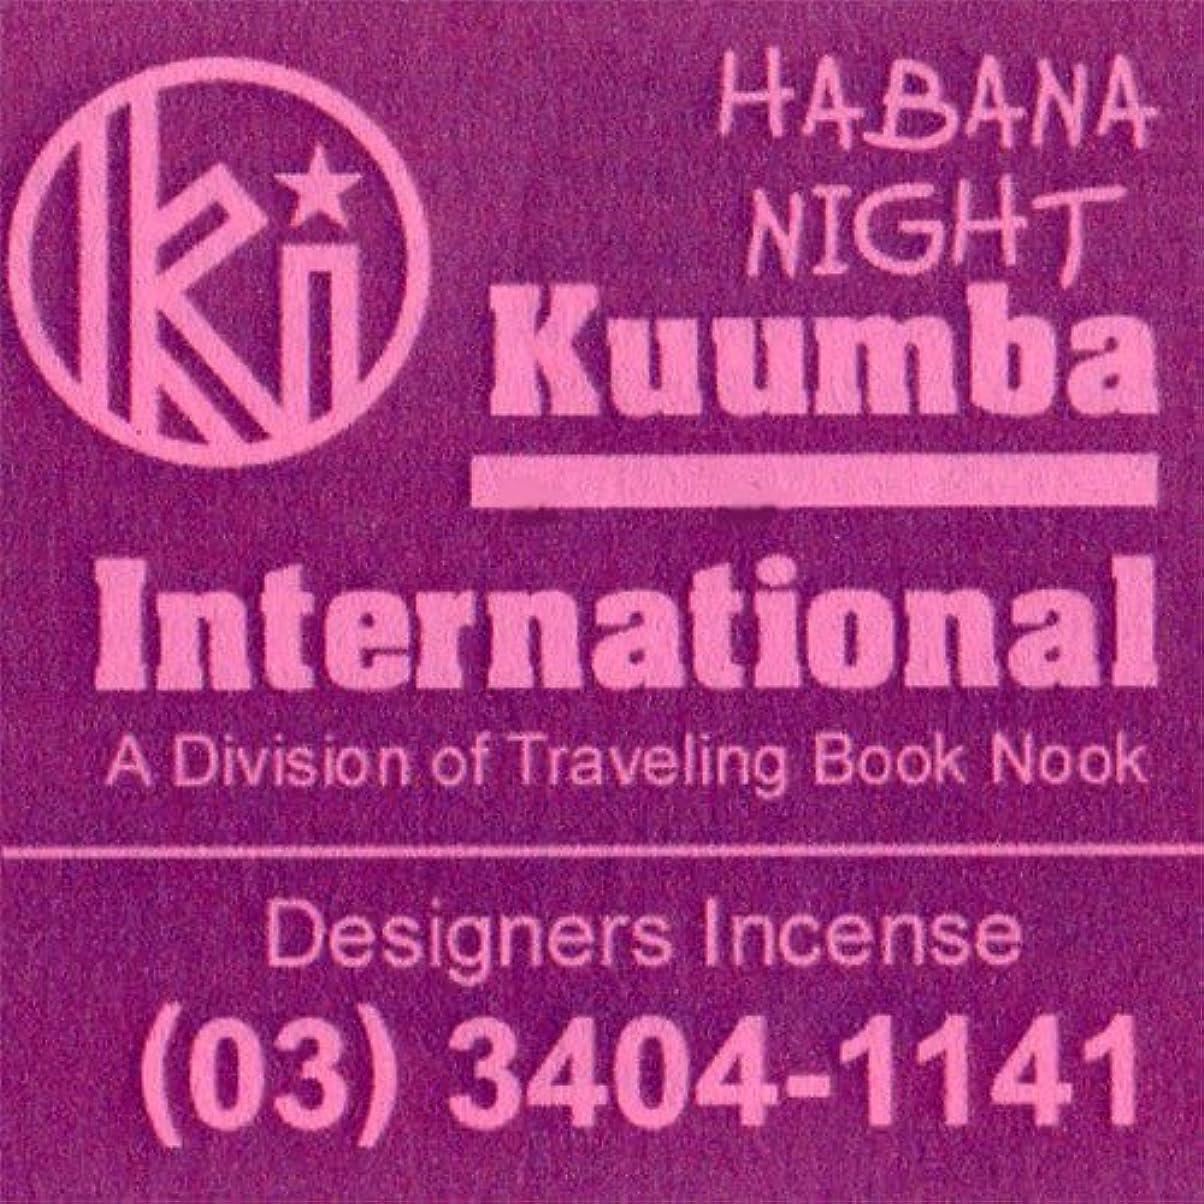 良さ球体平和KUUMBA/クンバ『incense』(HABANA NIGHT) (Regular size)